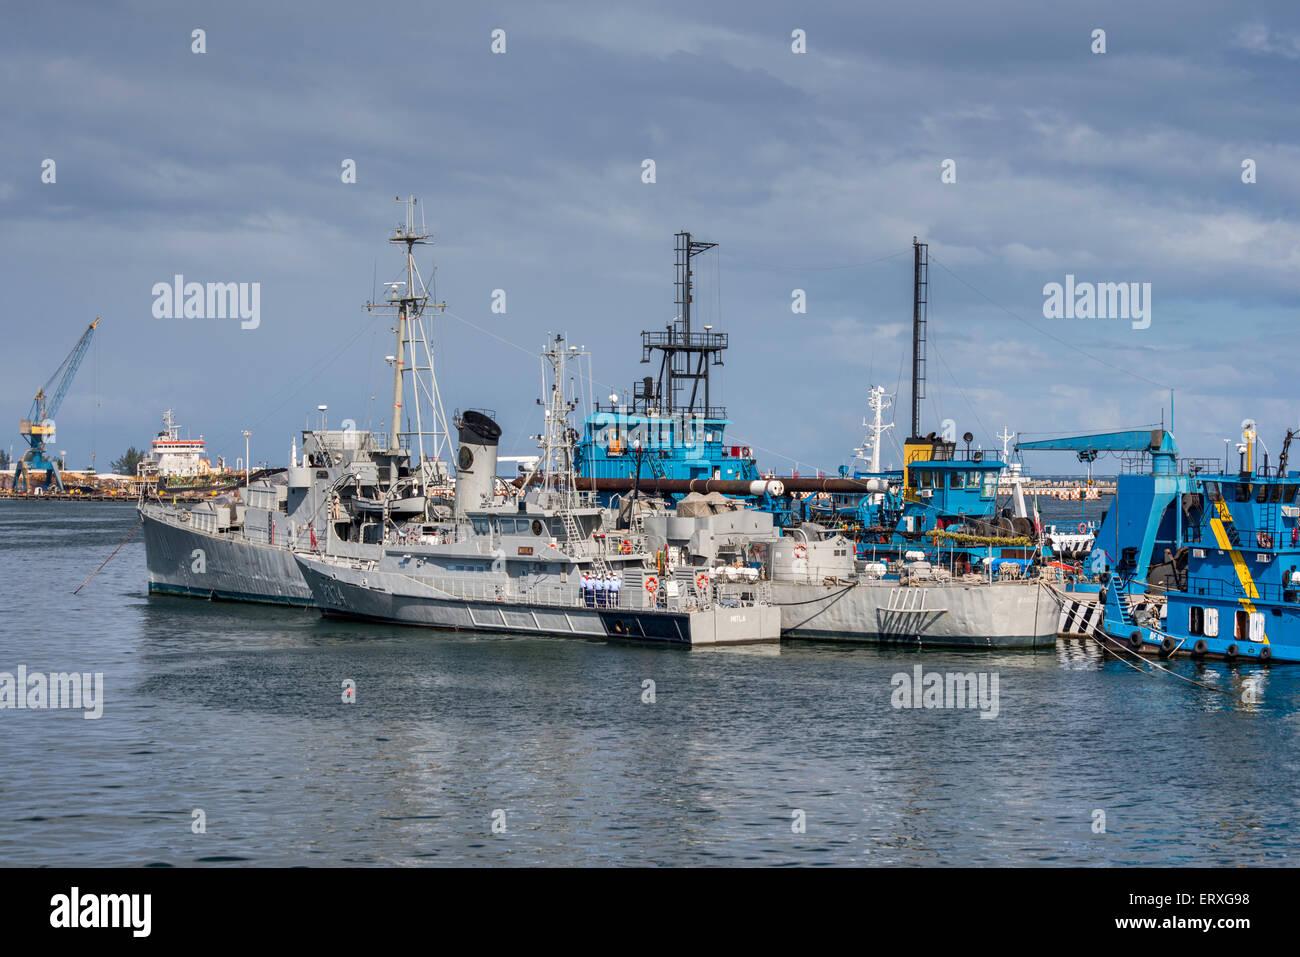 ARM Comodoro Manuel Azueta D111 destroyer escort, P334 Mitla patrol boat, Mexican Navy warships at port of Veracruz, - Stock Image